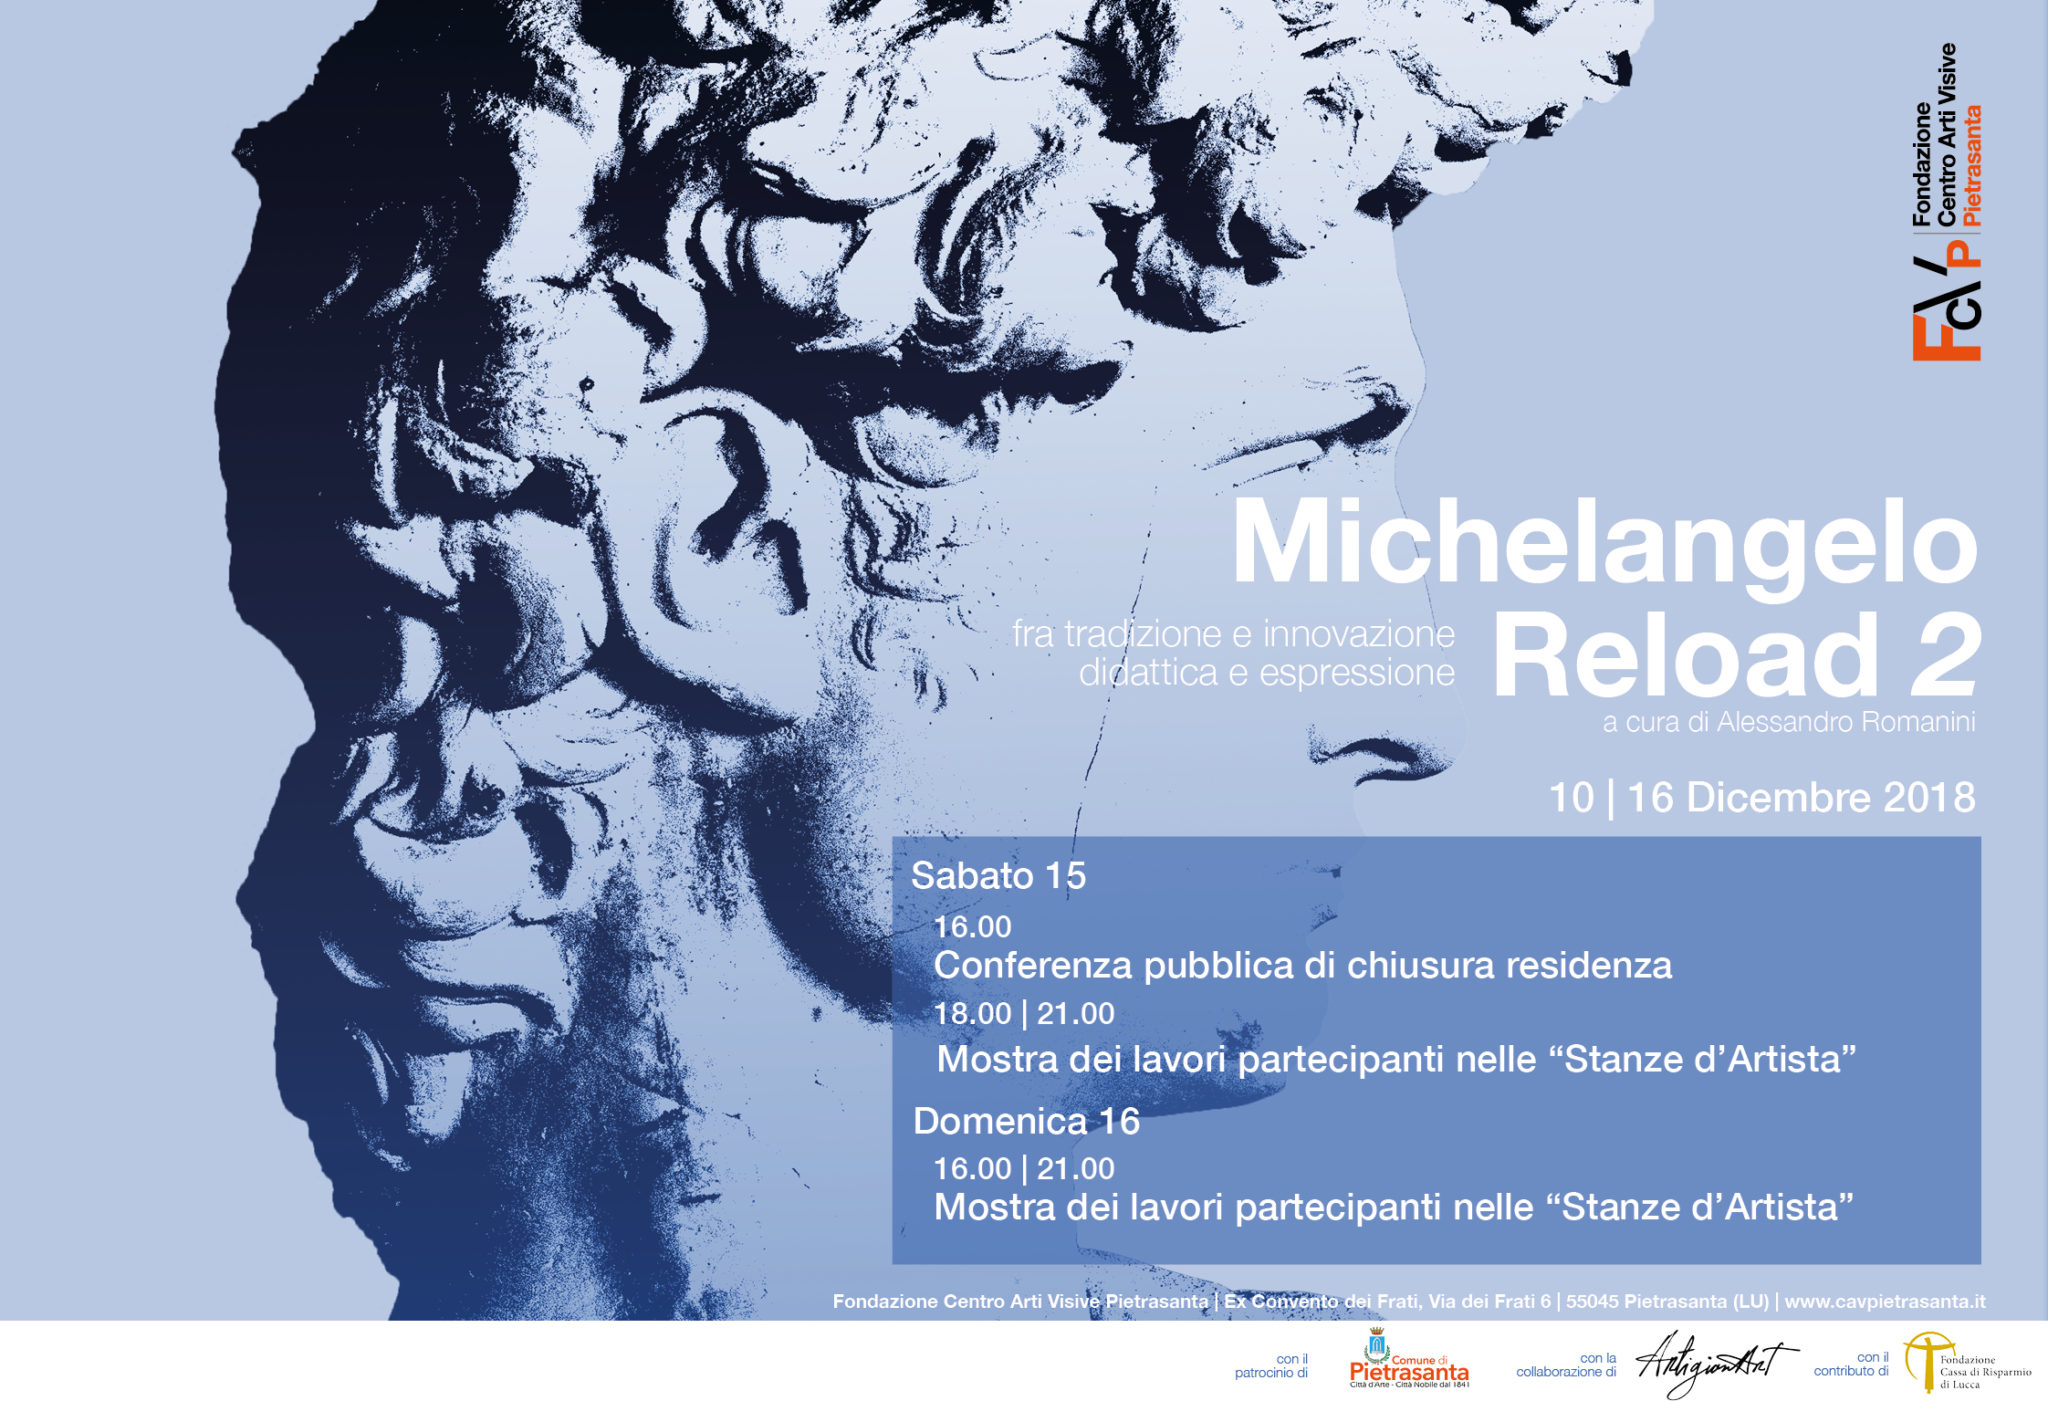 MICHELANGELO RELOAD – Residenza artistica II° sezione (10-16 DICEMBRE)